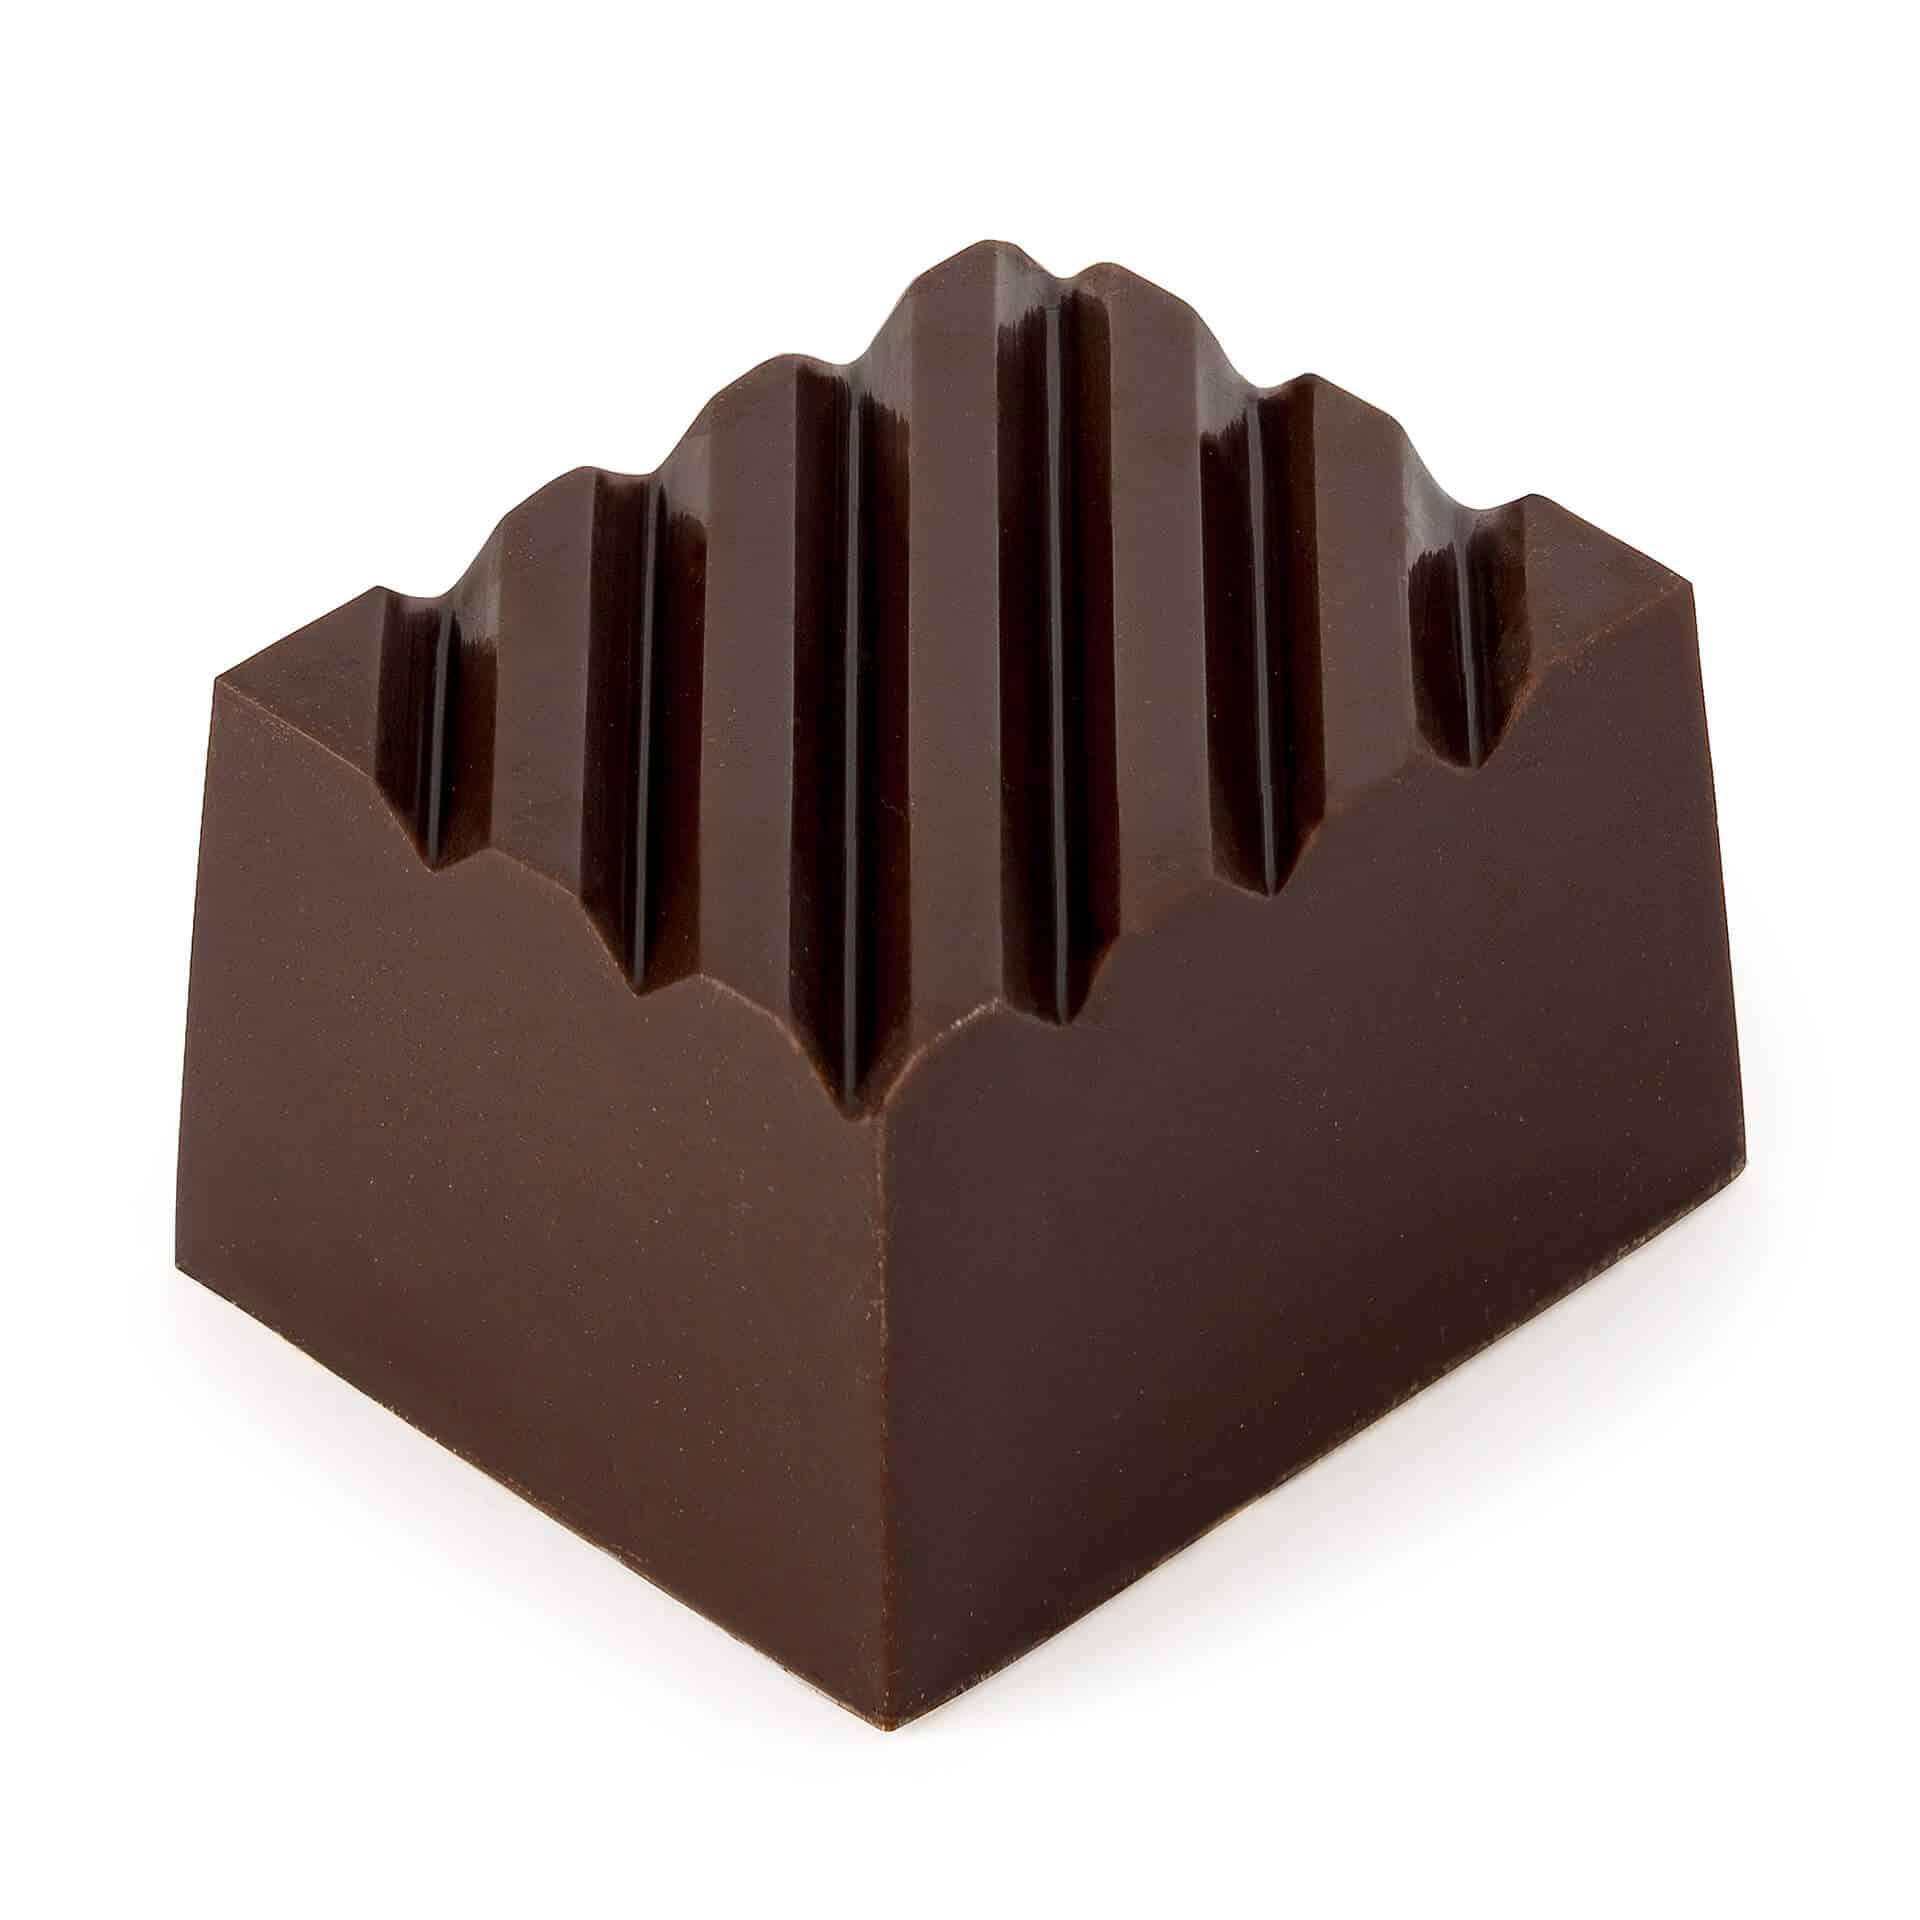 pralina z czekolady deserowej z nadzieniem waniliowym.